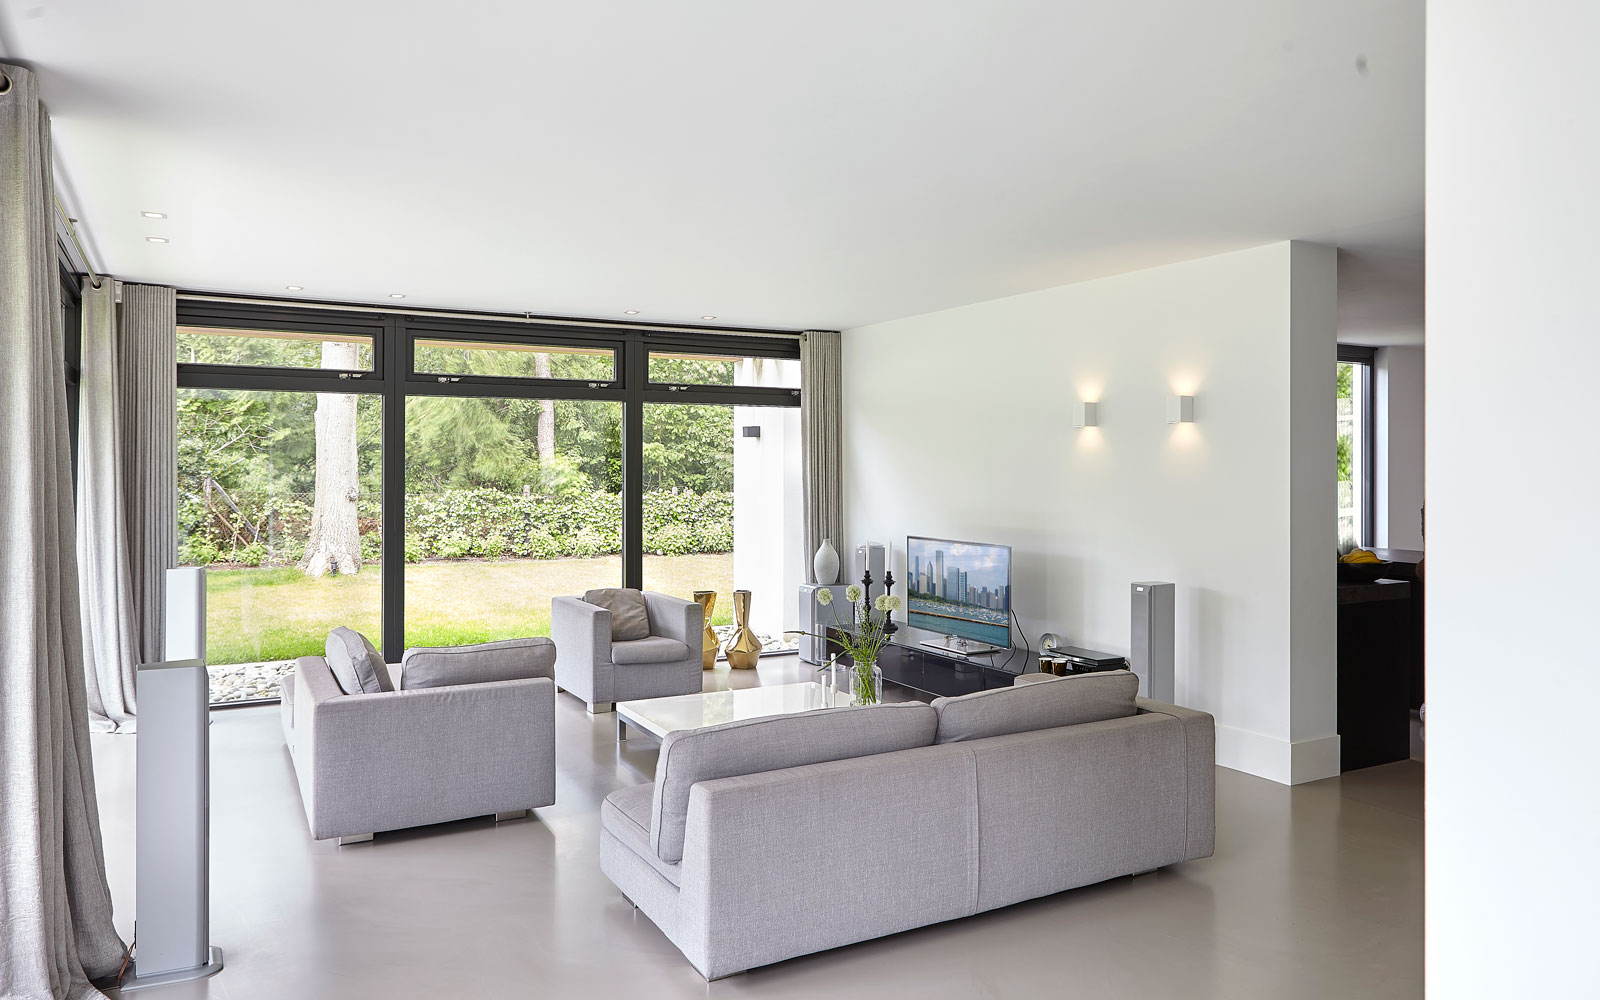 Woonkamer, lichte kleuren, living, gietvloer, grote ramen, lichtinval, tijdloos, minimalistisch, Marco van Veldhuizen